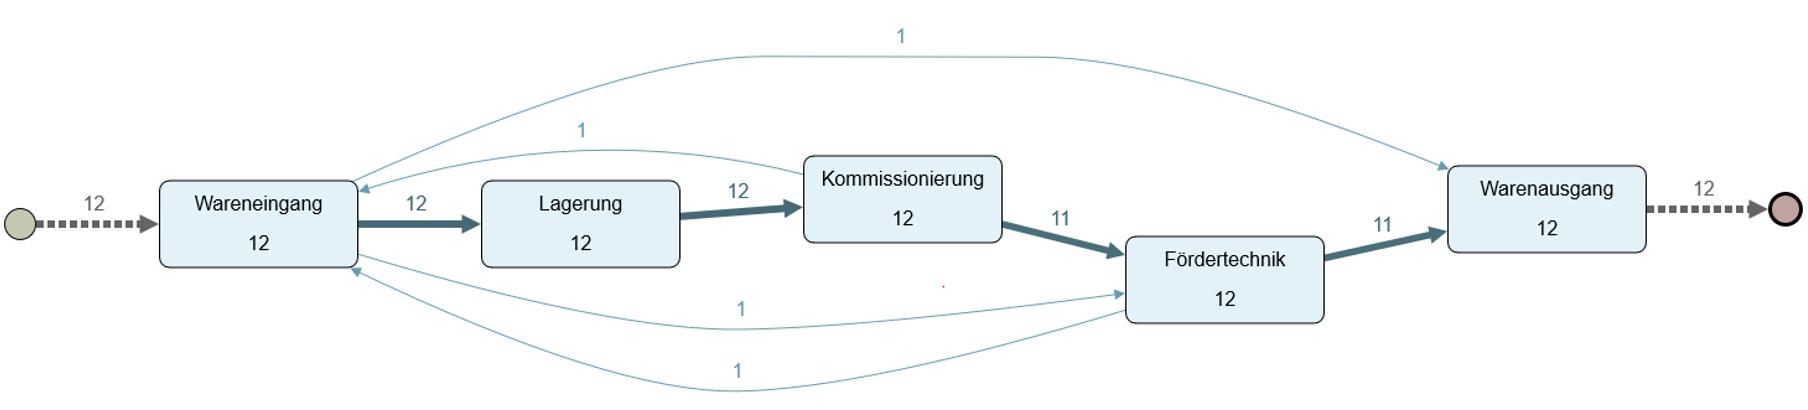 Testdaten-Prozess